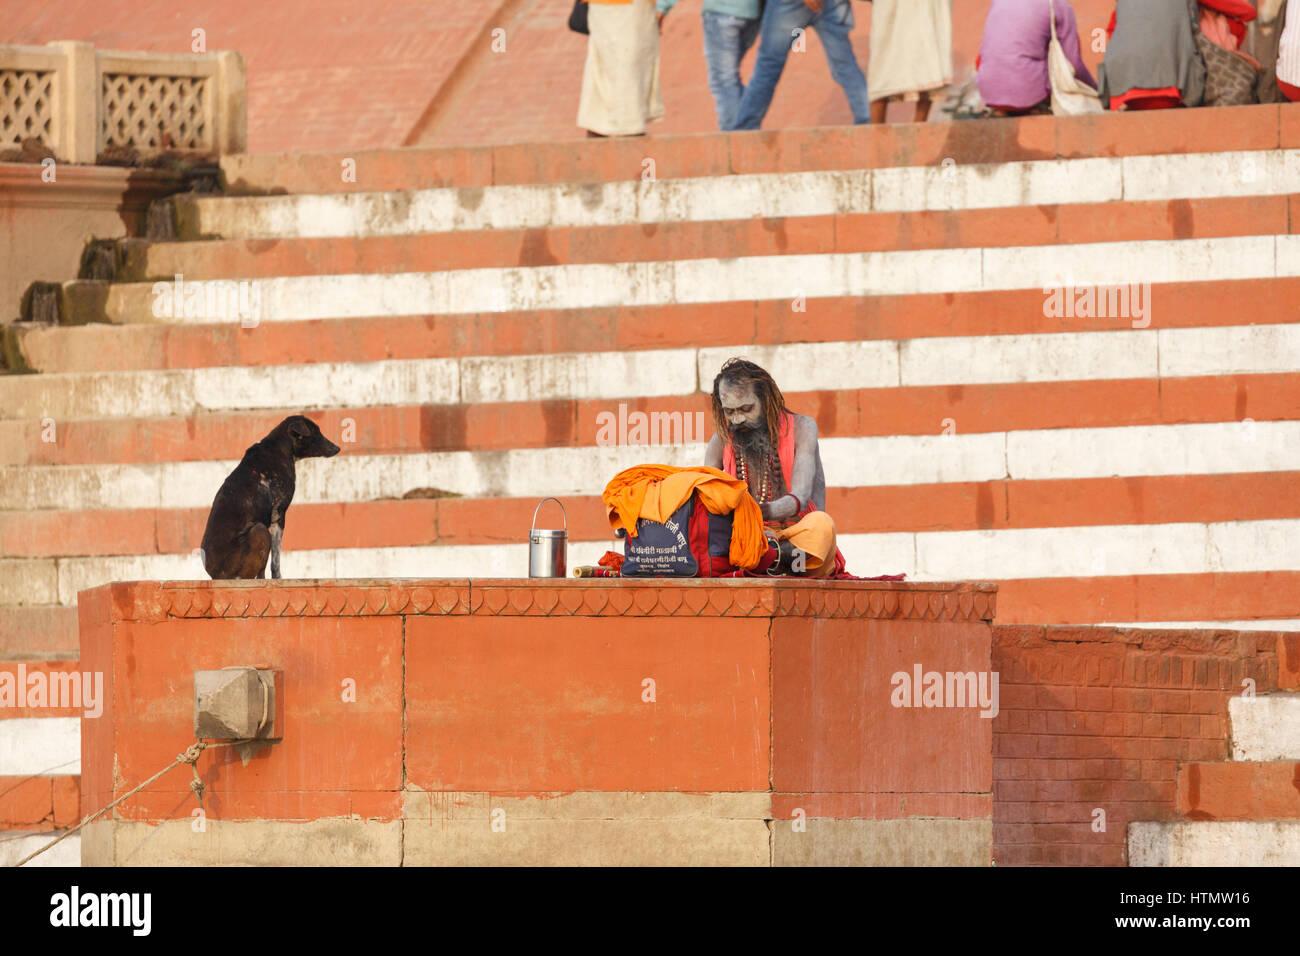 Sadhu on the Main Ghat at the Ganges, Varanasi, Uttar Pradesh, India - Stock Image